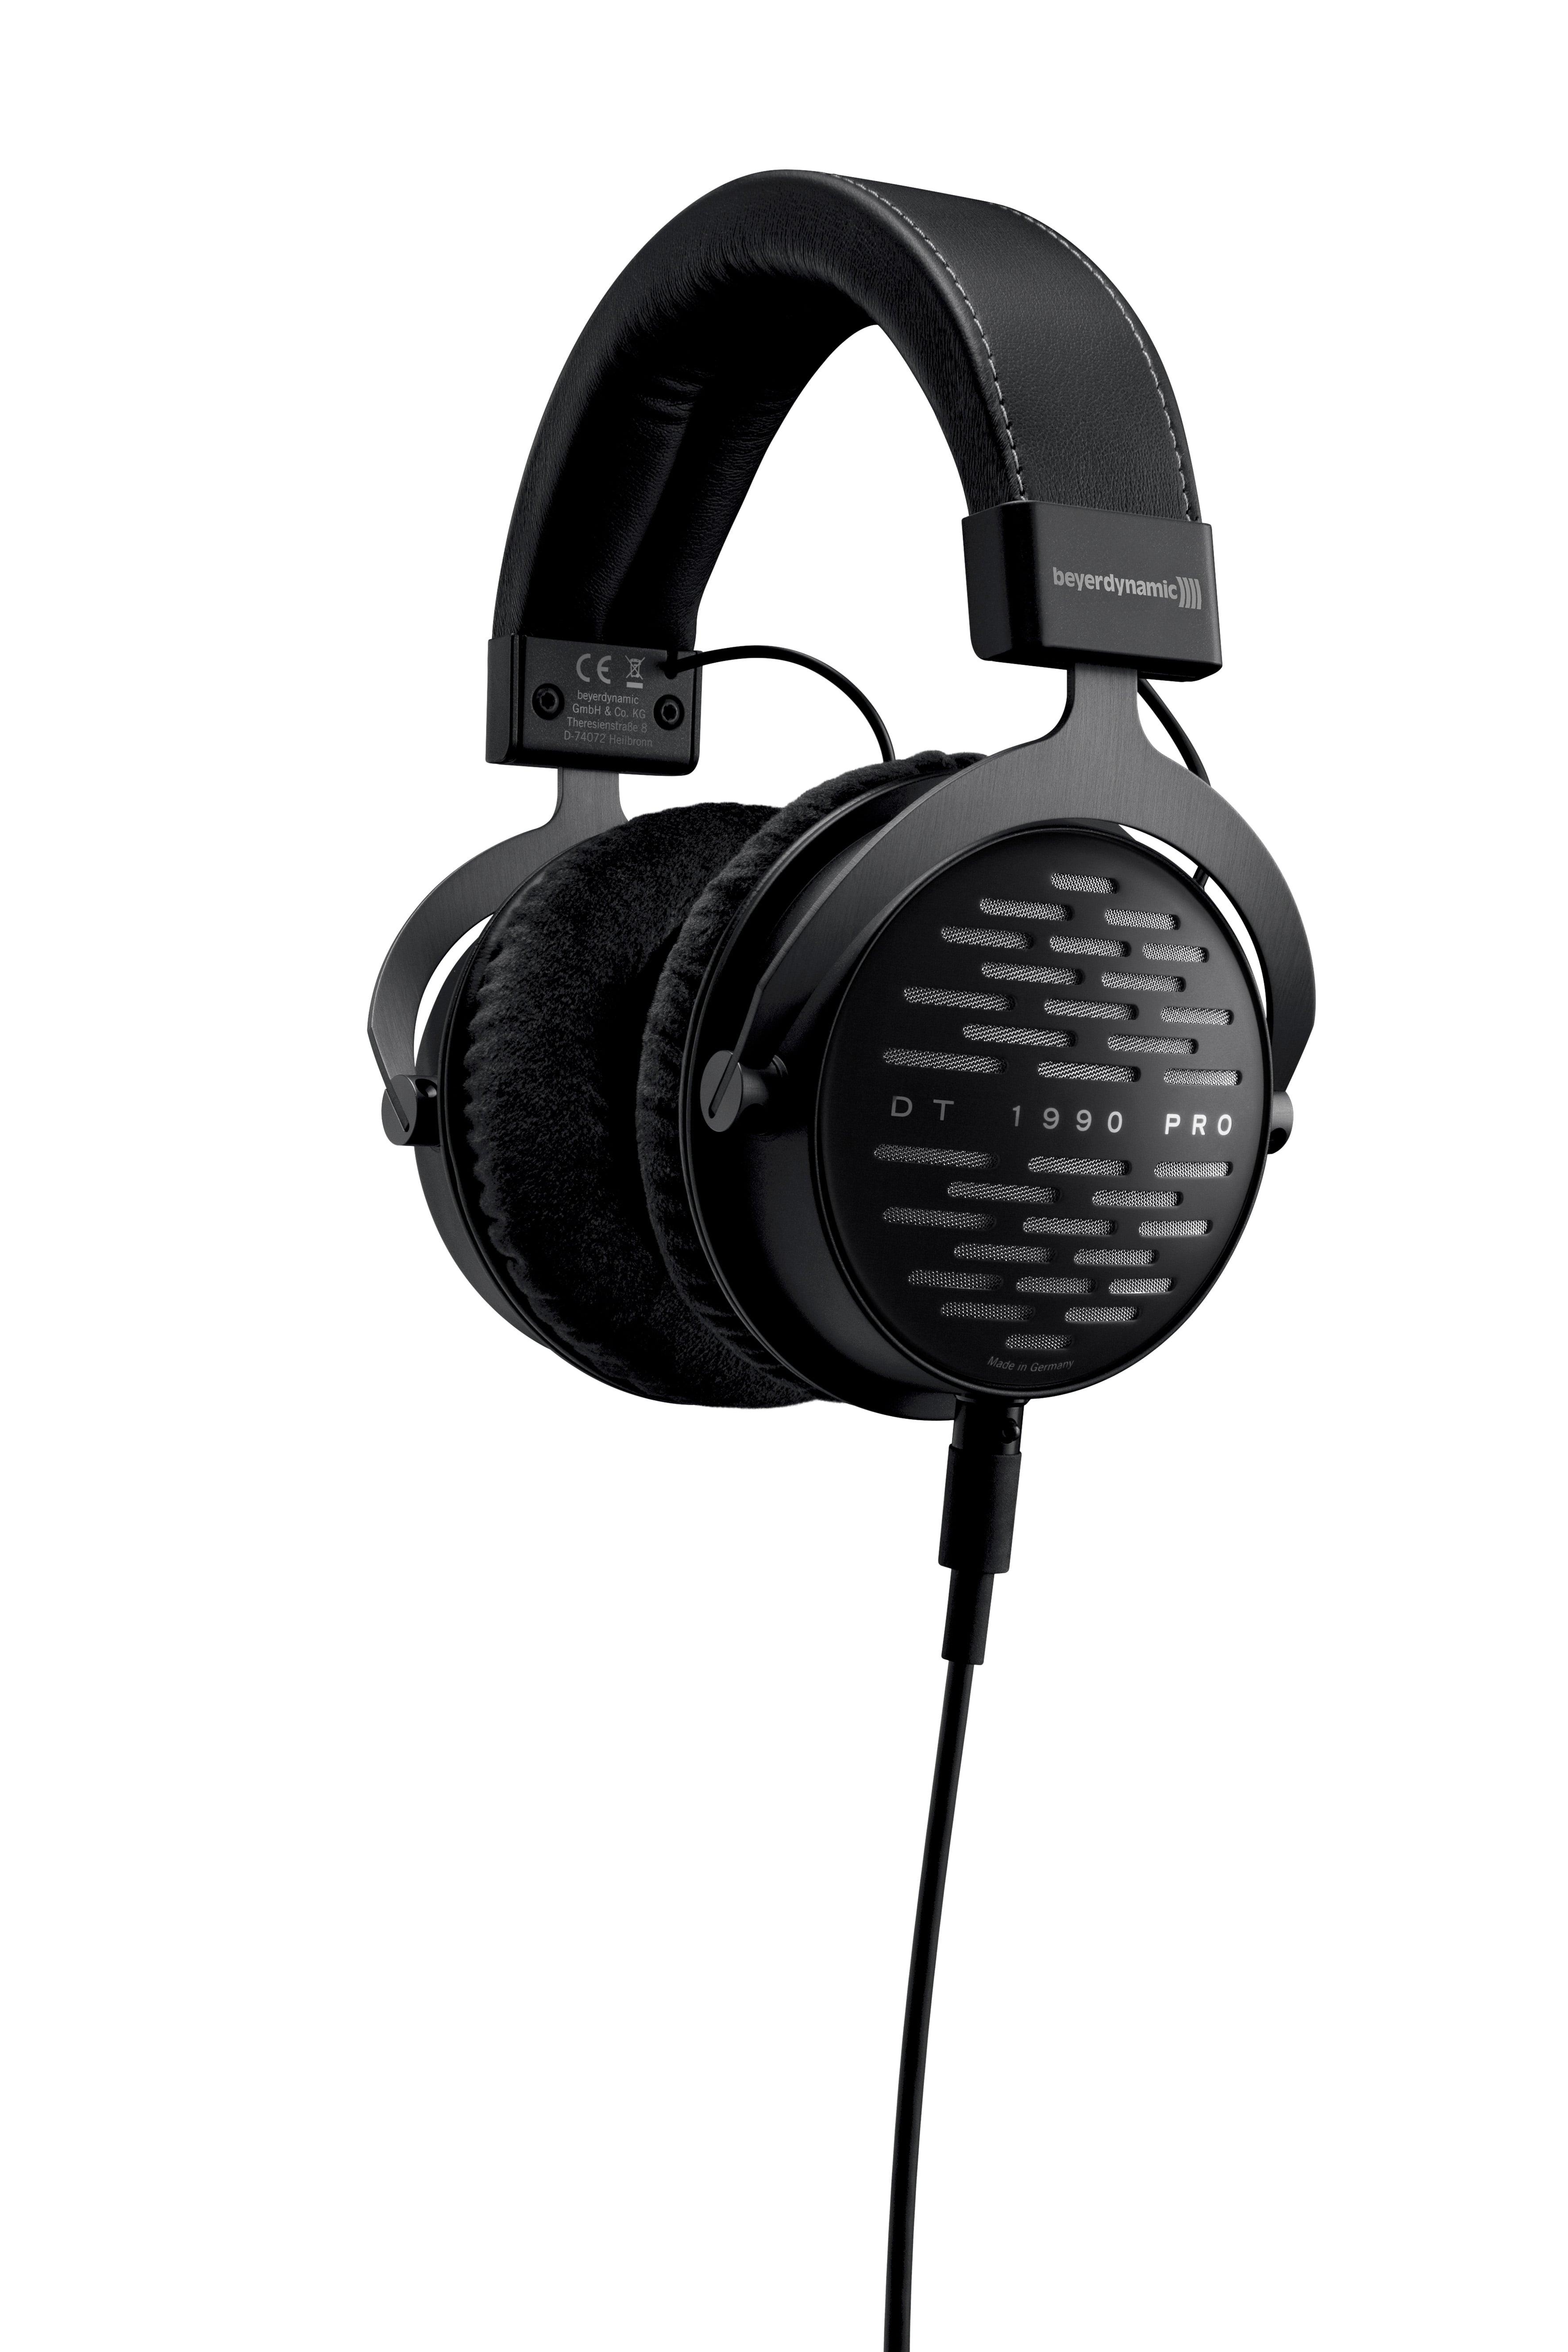 Beyerdynamic DT 1990 Pro Open Studio Headphones